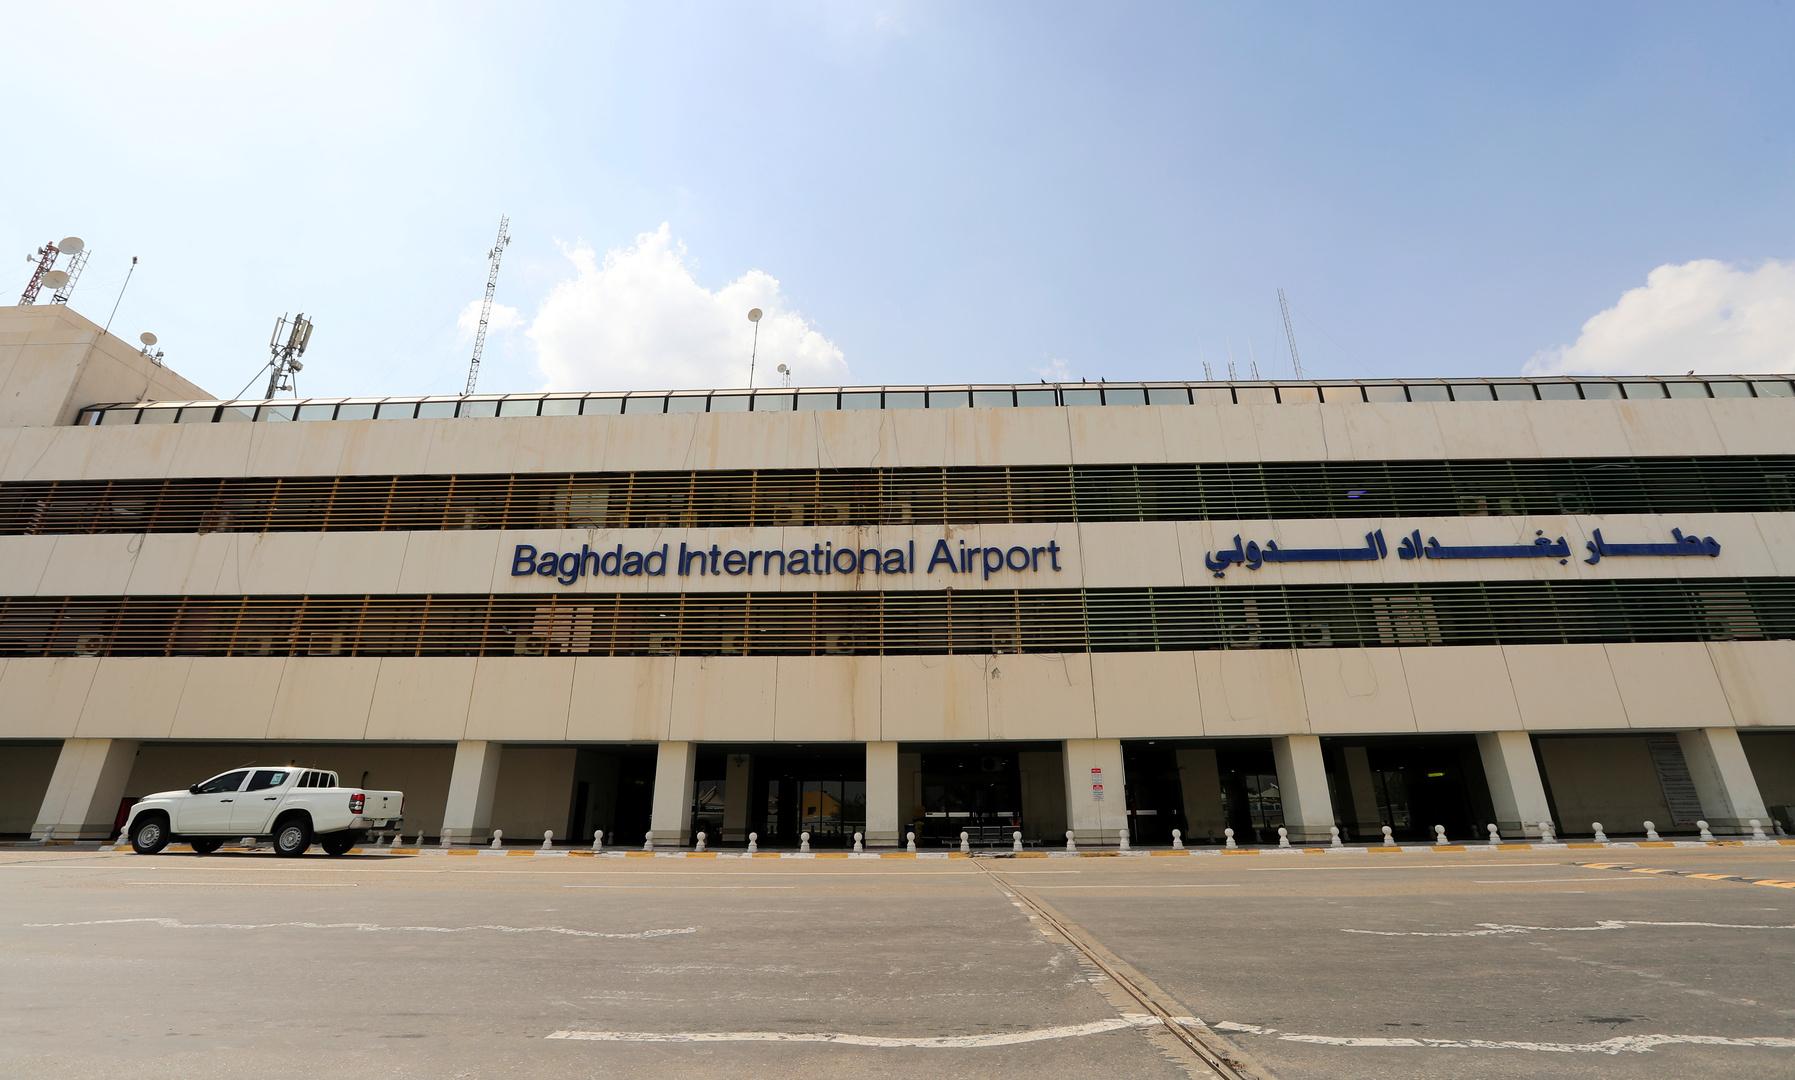 مطار بغداد الدولي يتعرض لهجوم صاروخي جديد